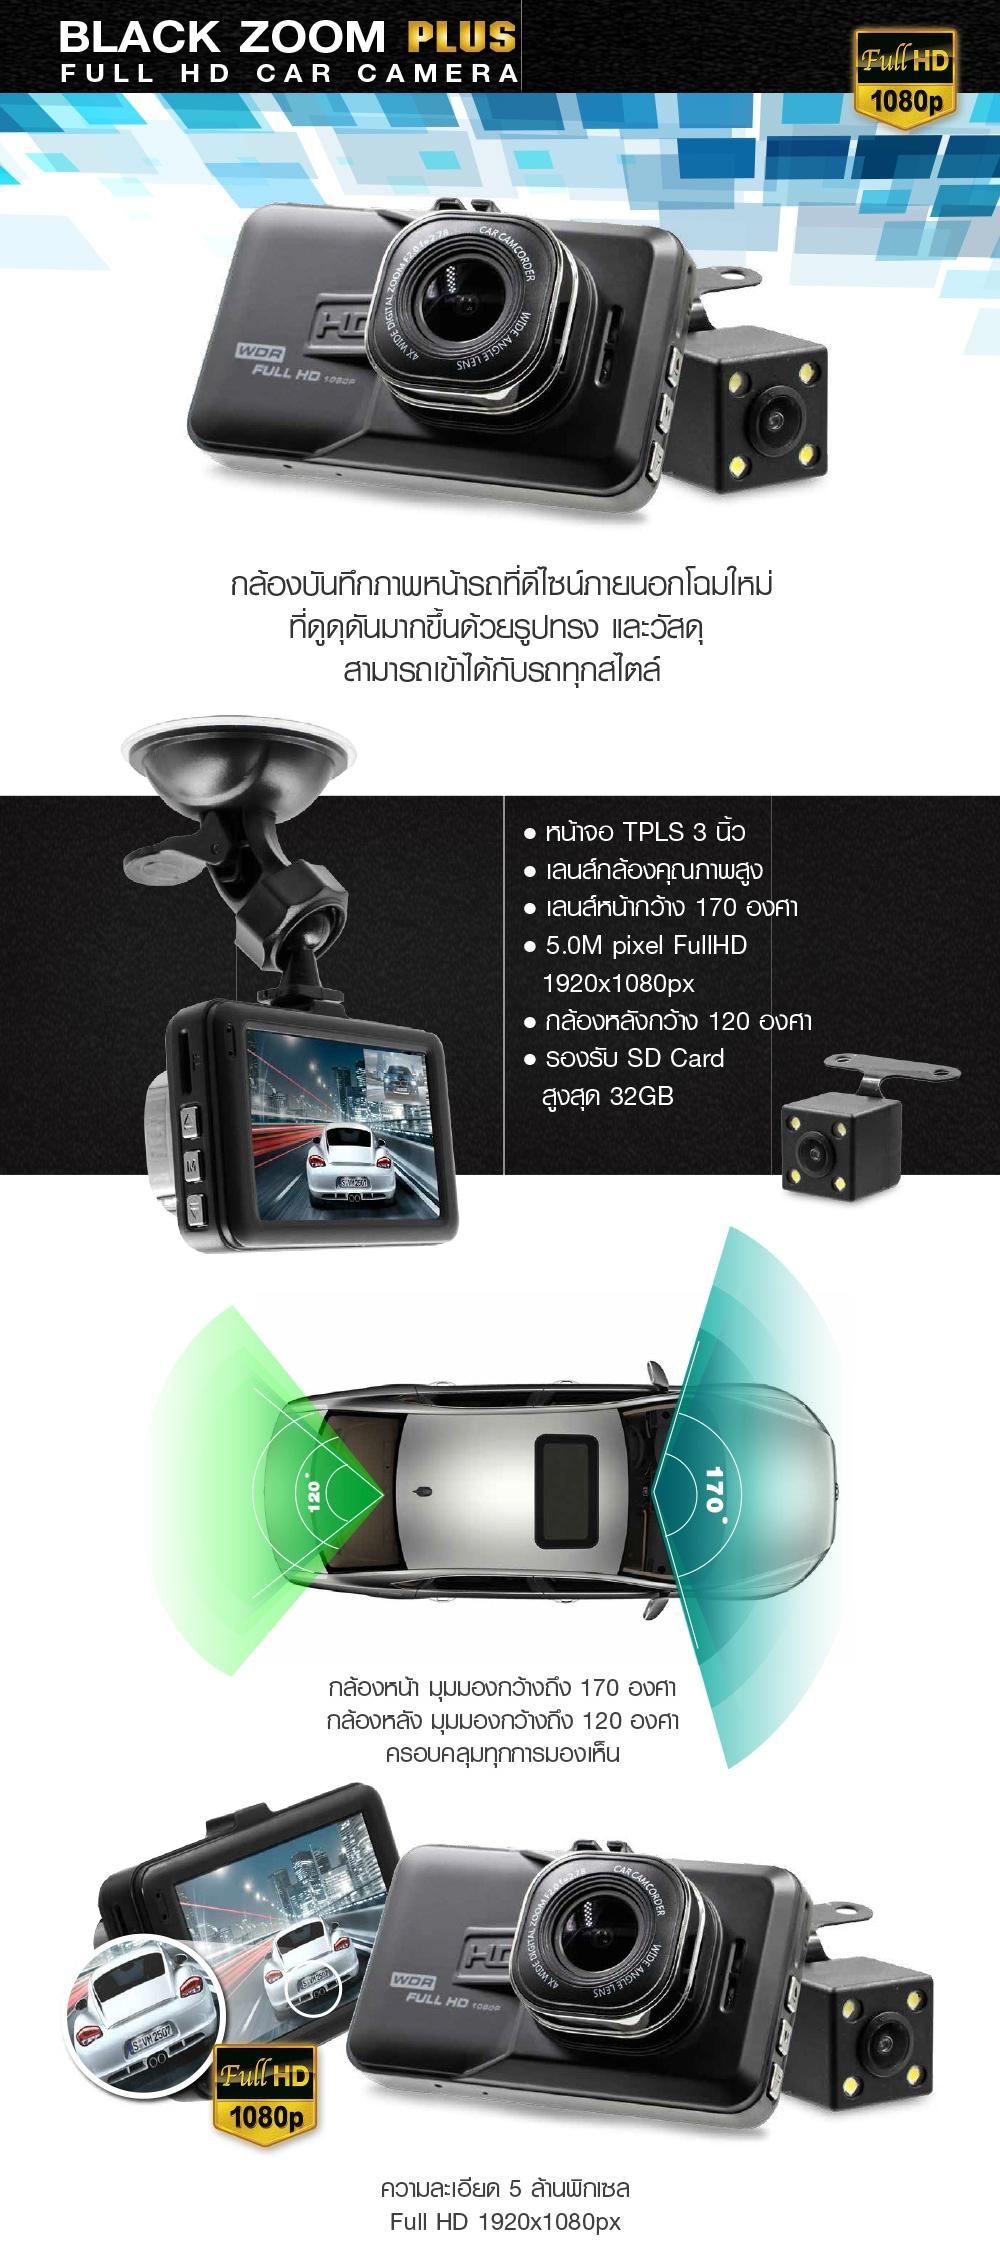 กล้องบันทึกภาพหน้ารถ, กล้องหลัง, กล้องติดรถยนต์, ABT SMART, ABG